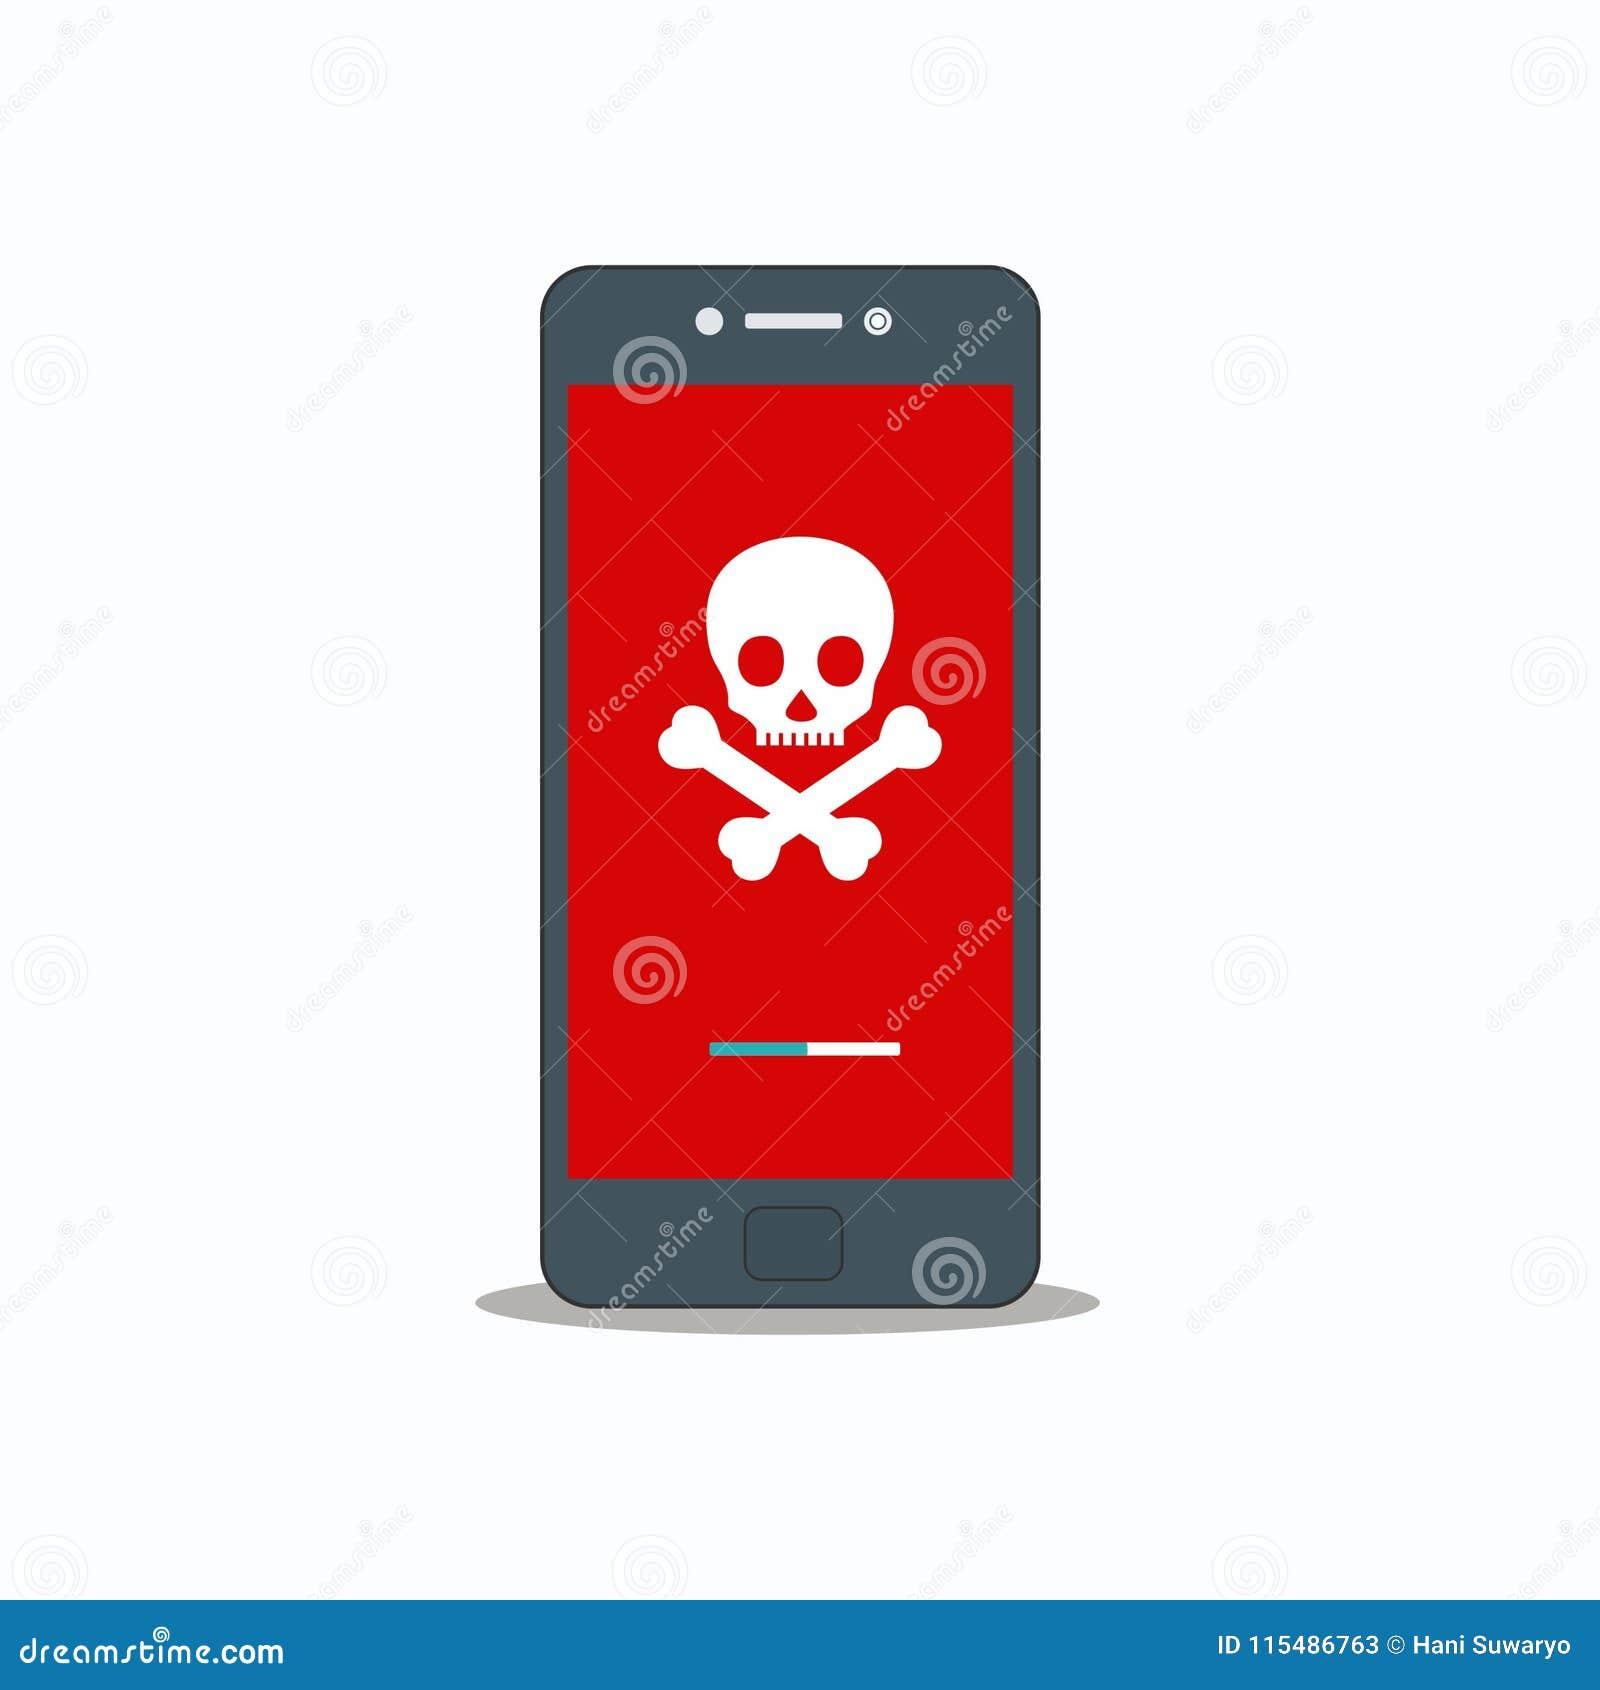 Raźny powiadomienie na smartphone wektorze, malware pojęcie, spama dane, oszustwo interneta błąd